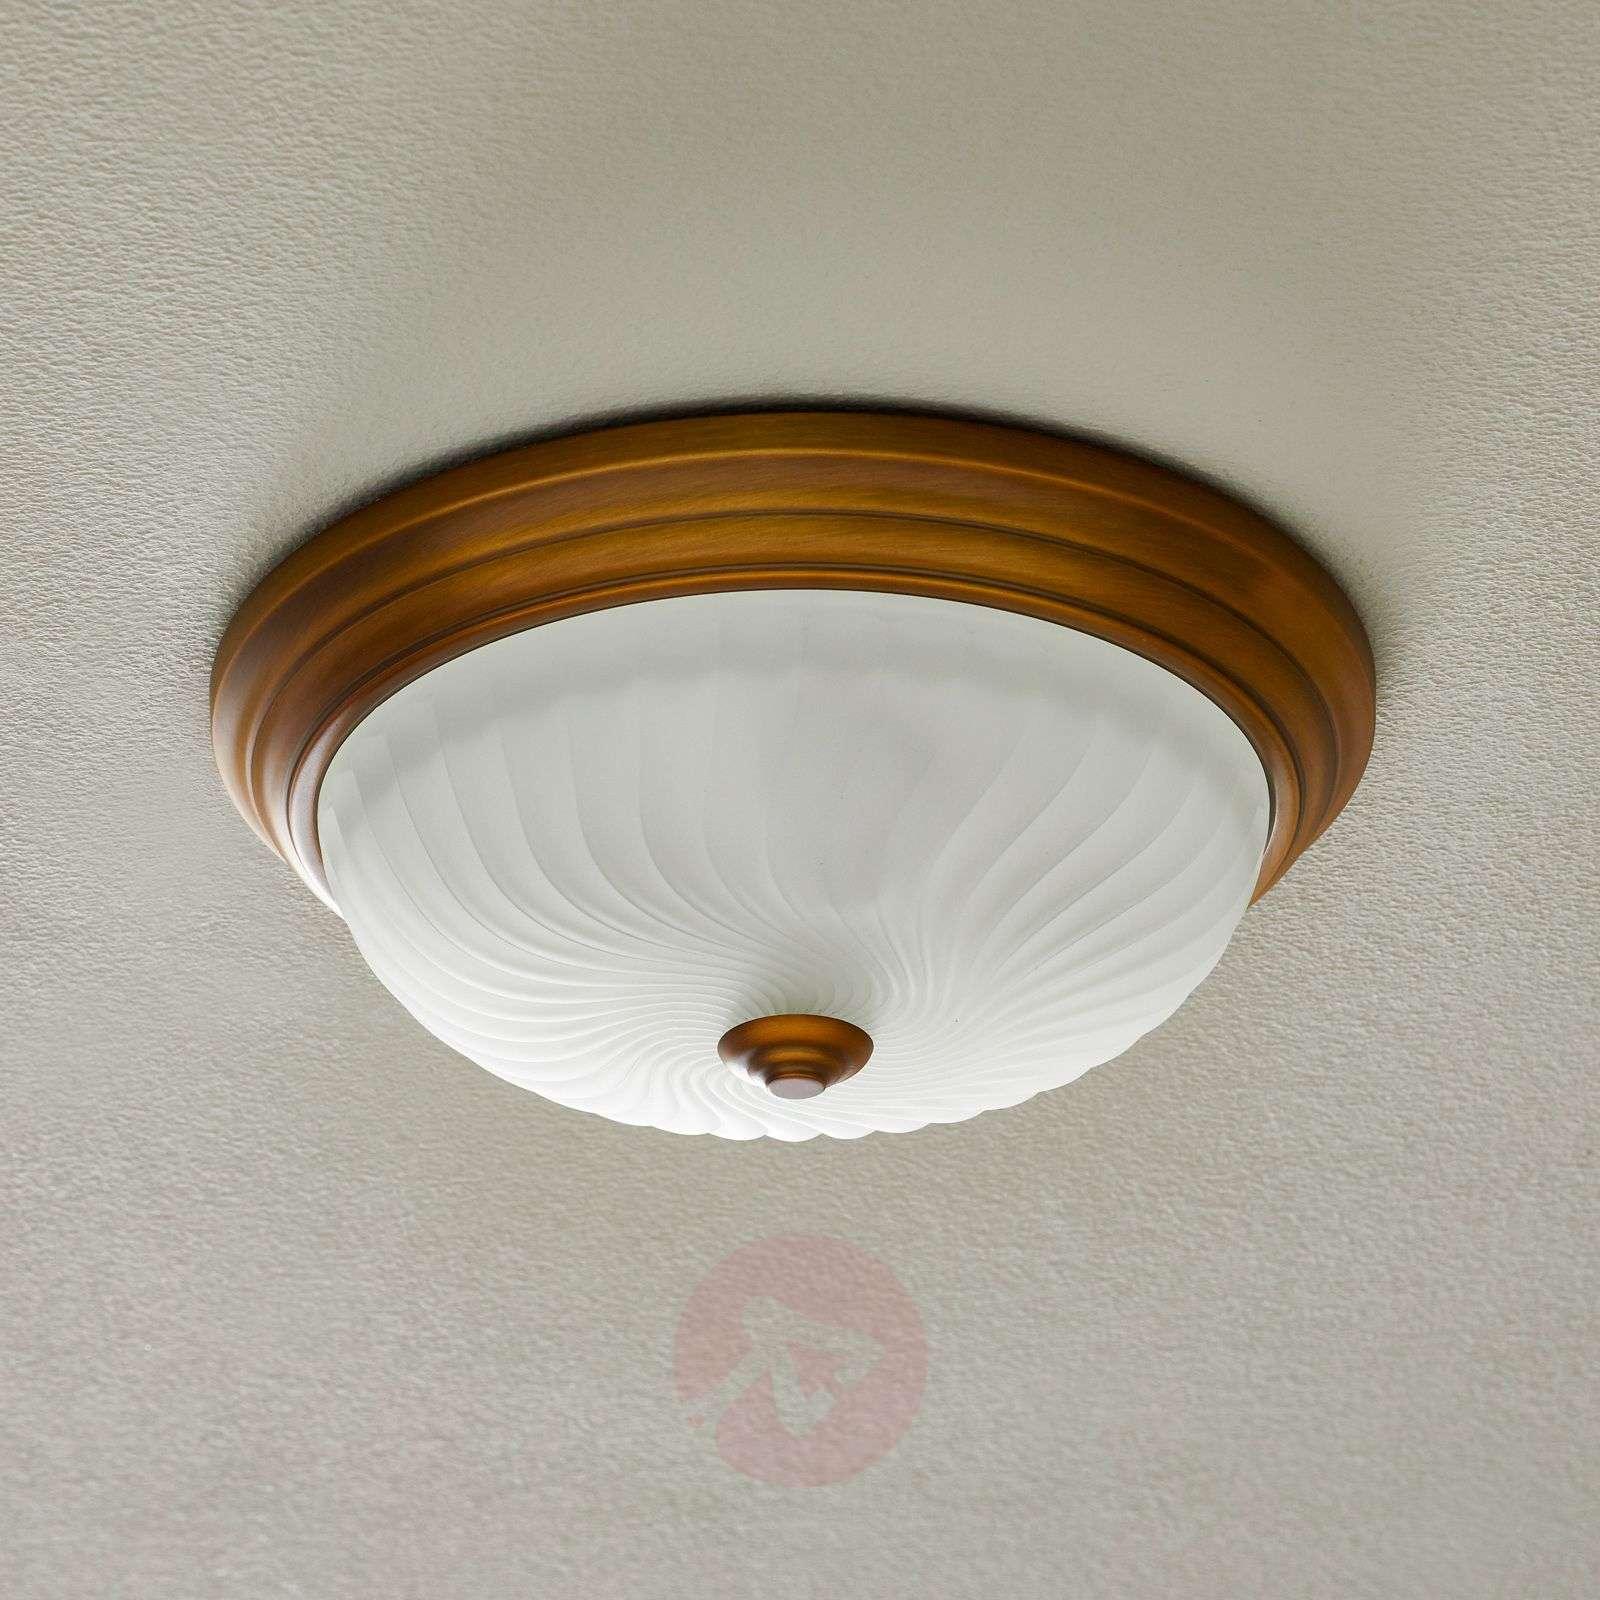 Classic Calla ceiling light-8509165-01